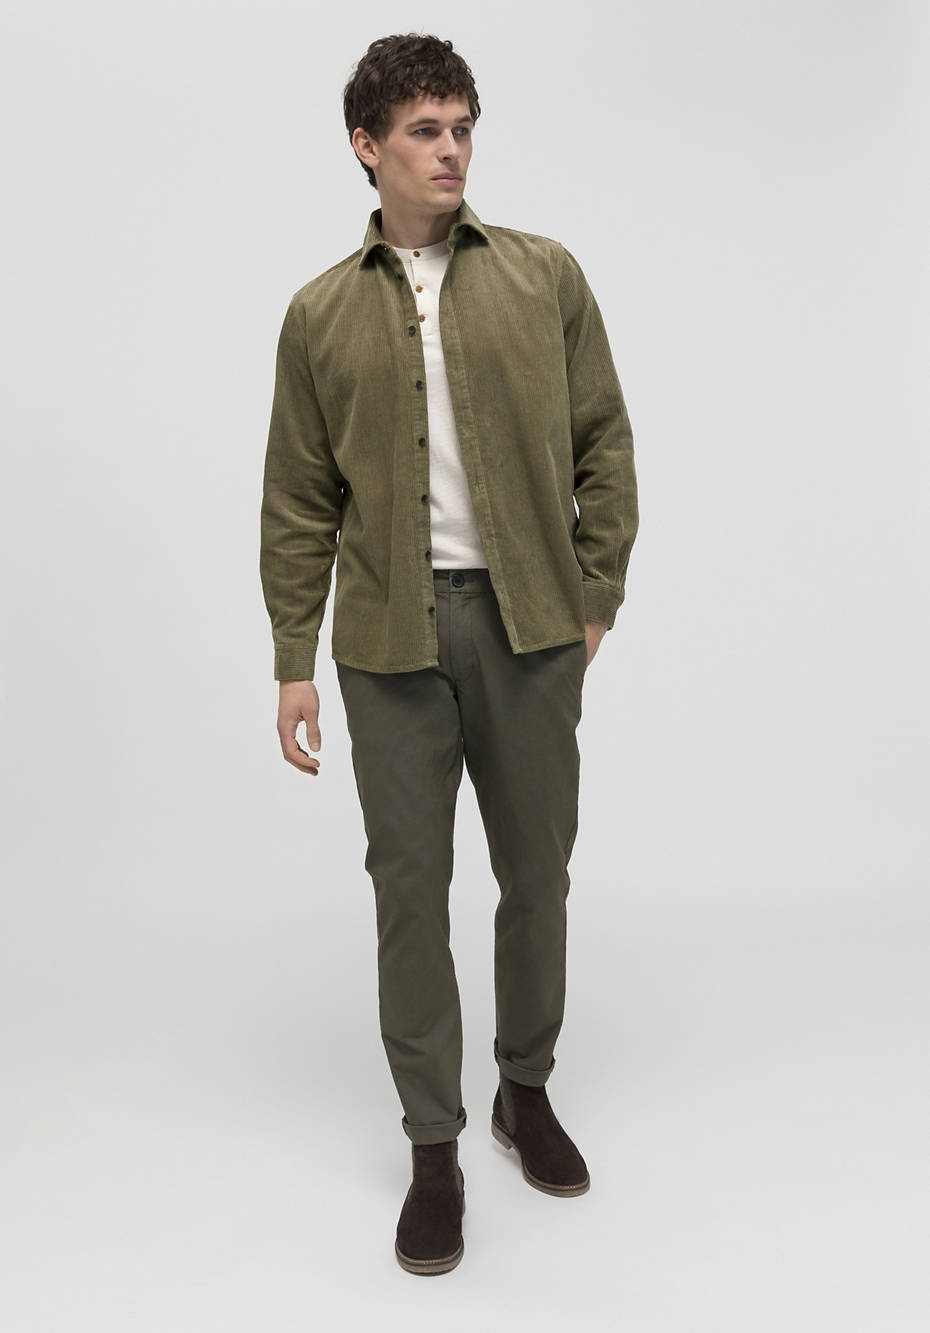 Cord-Overshirt Comfort Fit aus Hanf mit Bio-Baumwolle